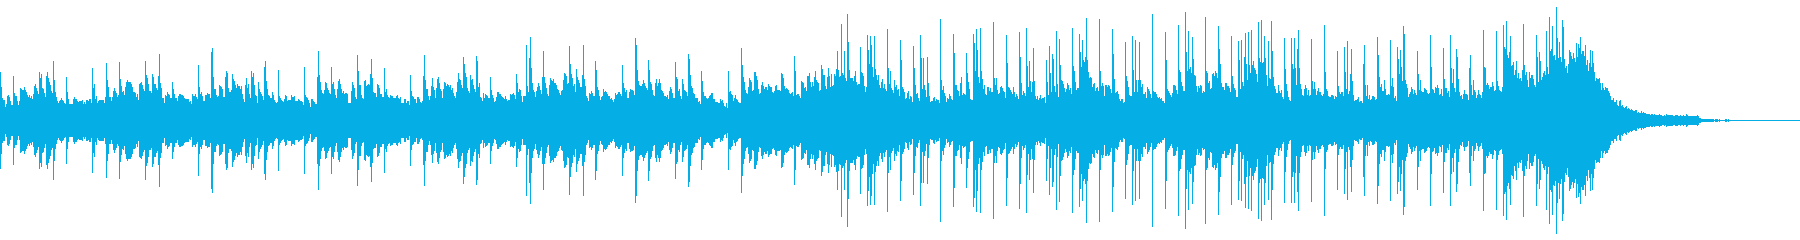 軽快で爽やかなピアノとドラム 映像用の再生済みの波形